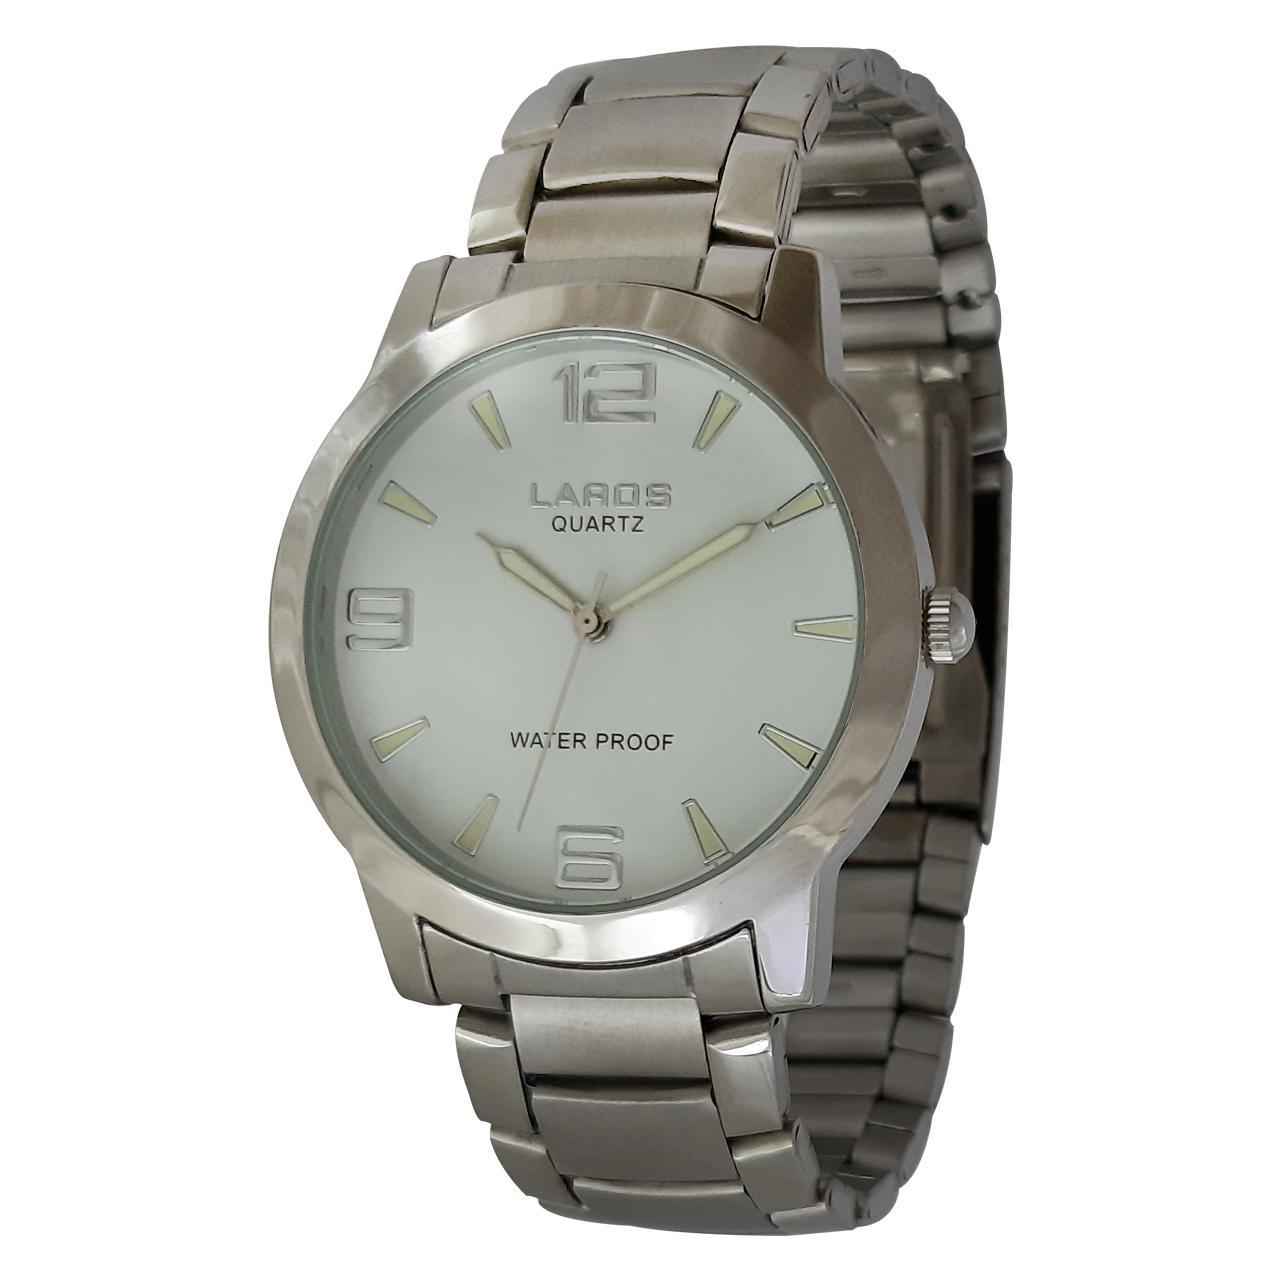 ساعت مچی عقربه ای مردانه لاروس مدل 1216-73863 به همراه دستمال مخصوص برند کلین واچ